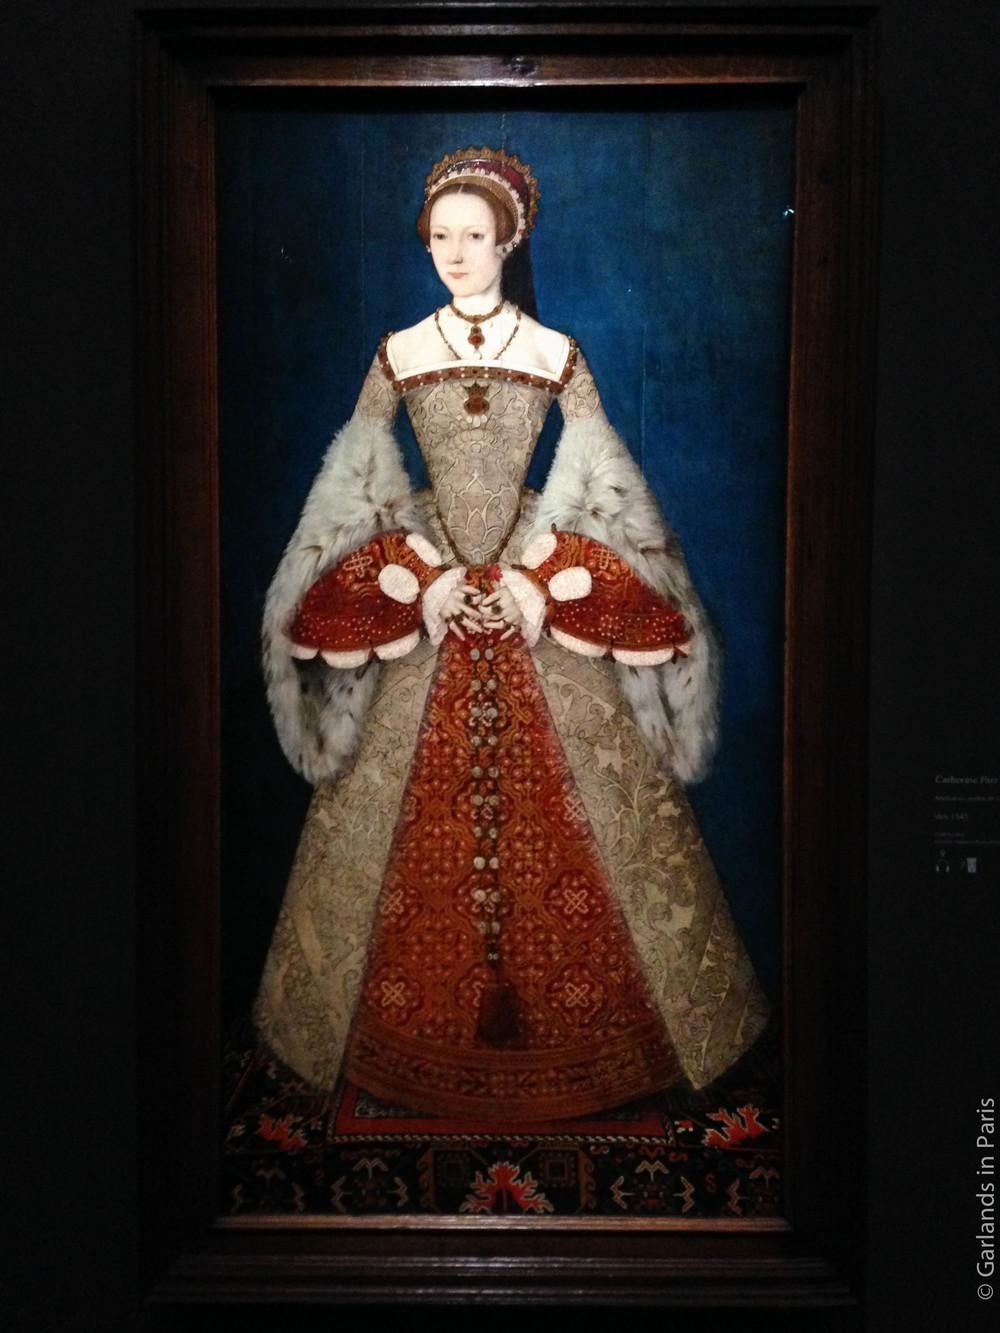 Portrait of Catherine Parr, Musée du Luxembourg, Paris